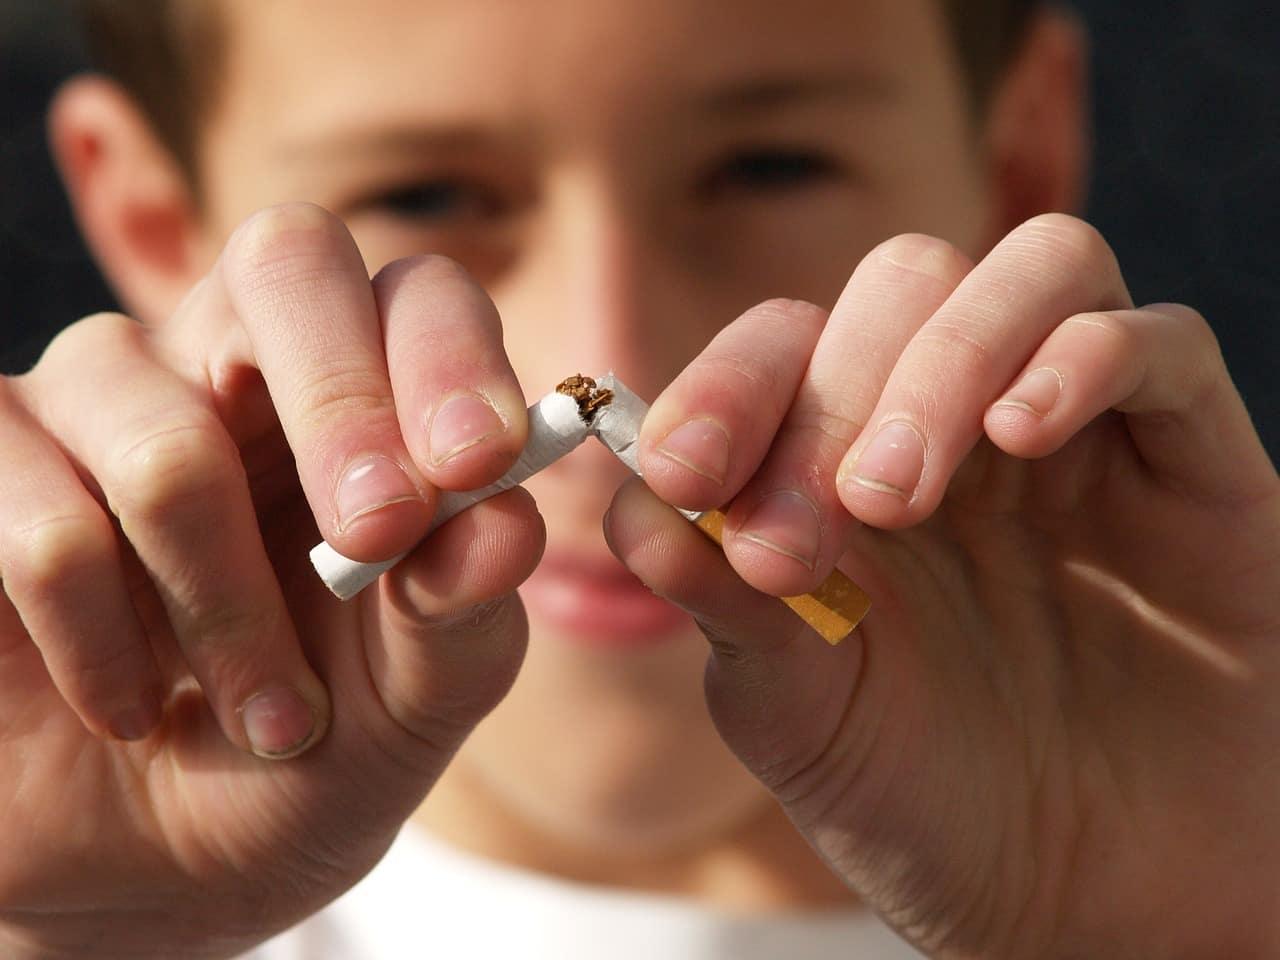 Απαγόρευση καπνίσματος: Ένστολοι θα κάνουν ελέγχους -Πρόστιμα φωτιά